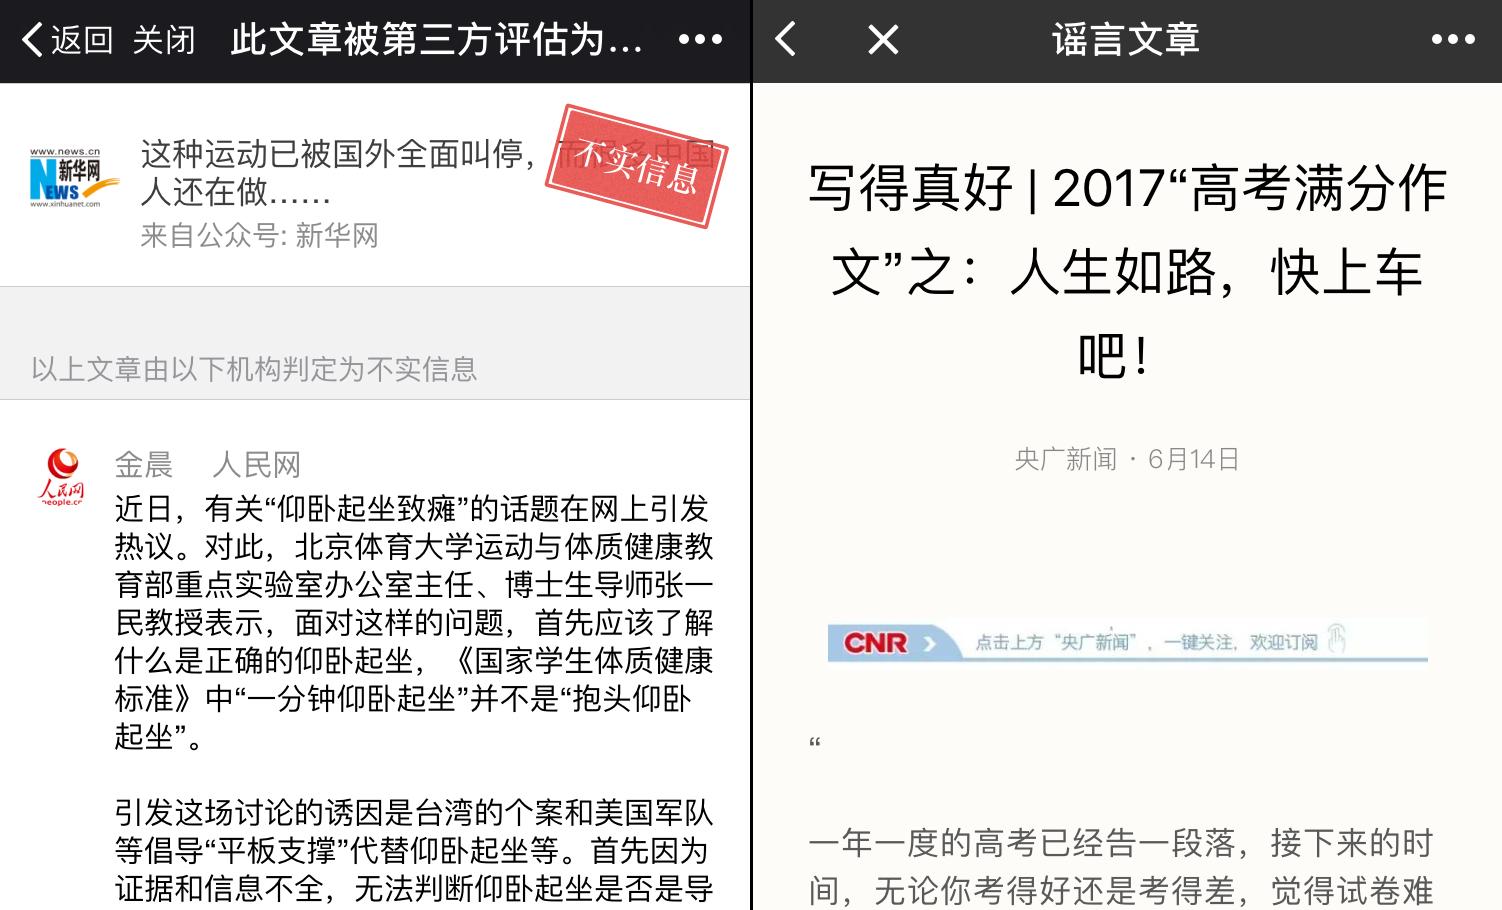 新华网和央广新闻的官微文章也被辟谣了